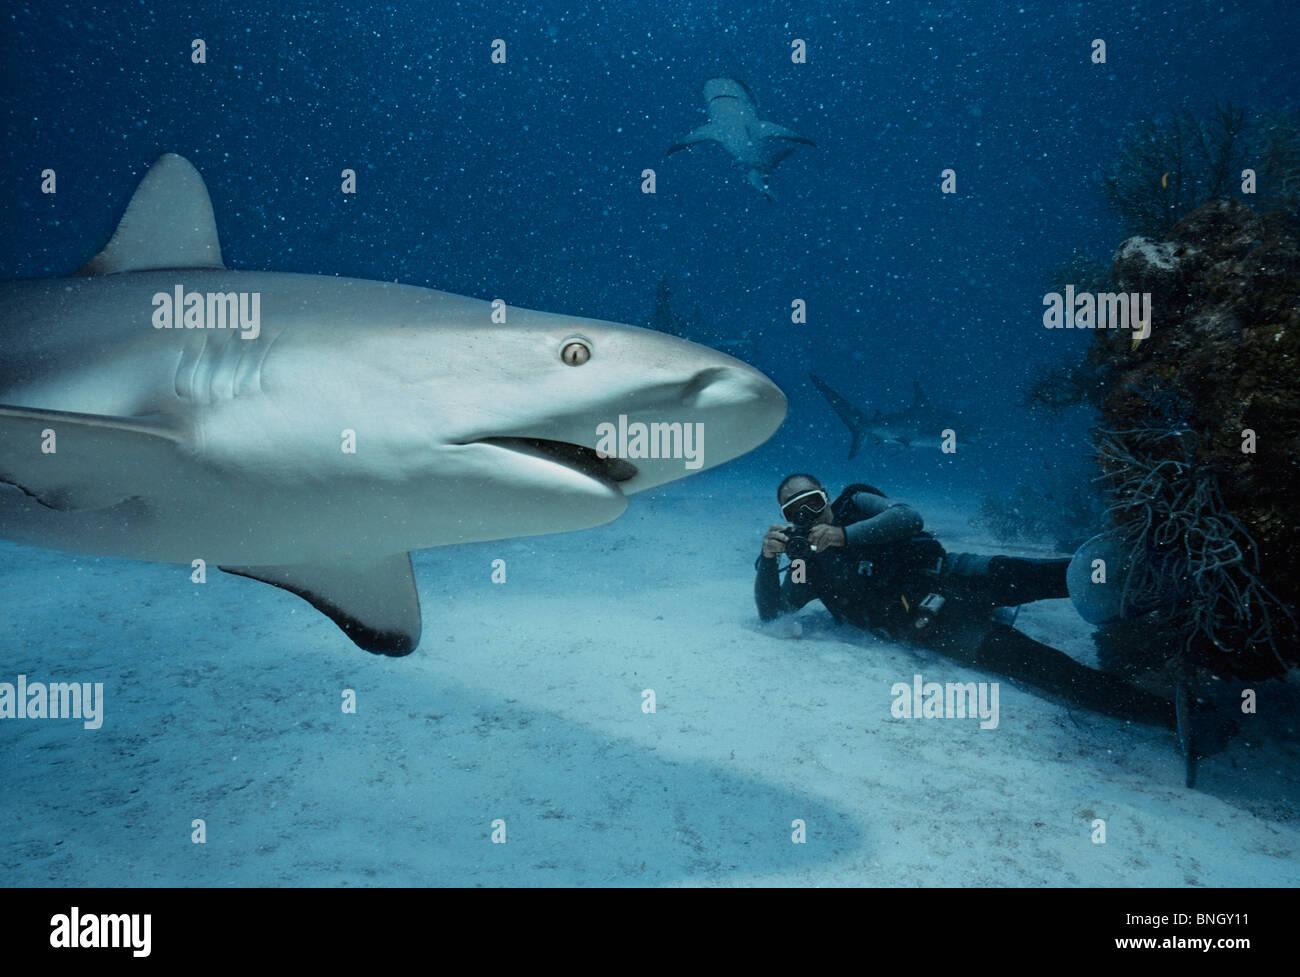 Photos de plongée requins de récifs des Caraïbes (Carcharhinus perezi), Bahamas - Mer des Caraïbes. Photo Stock